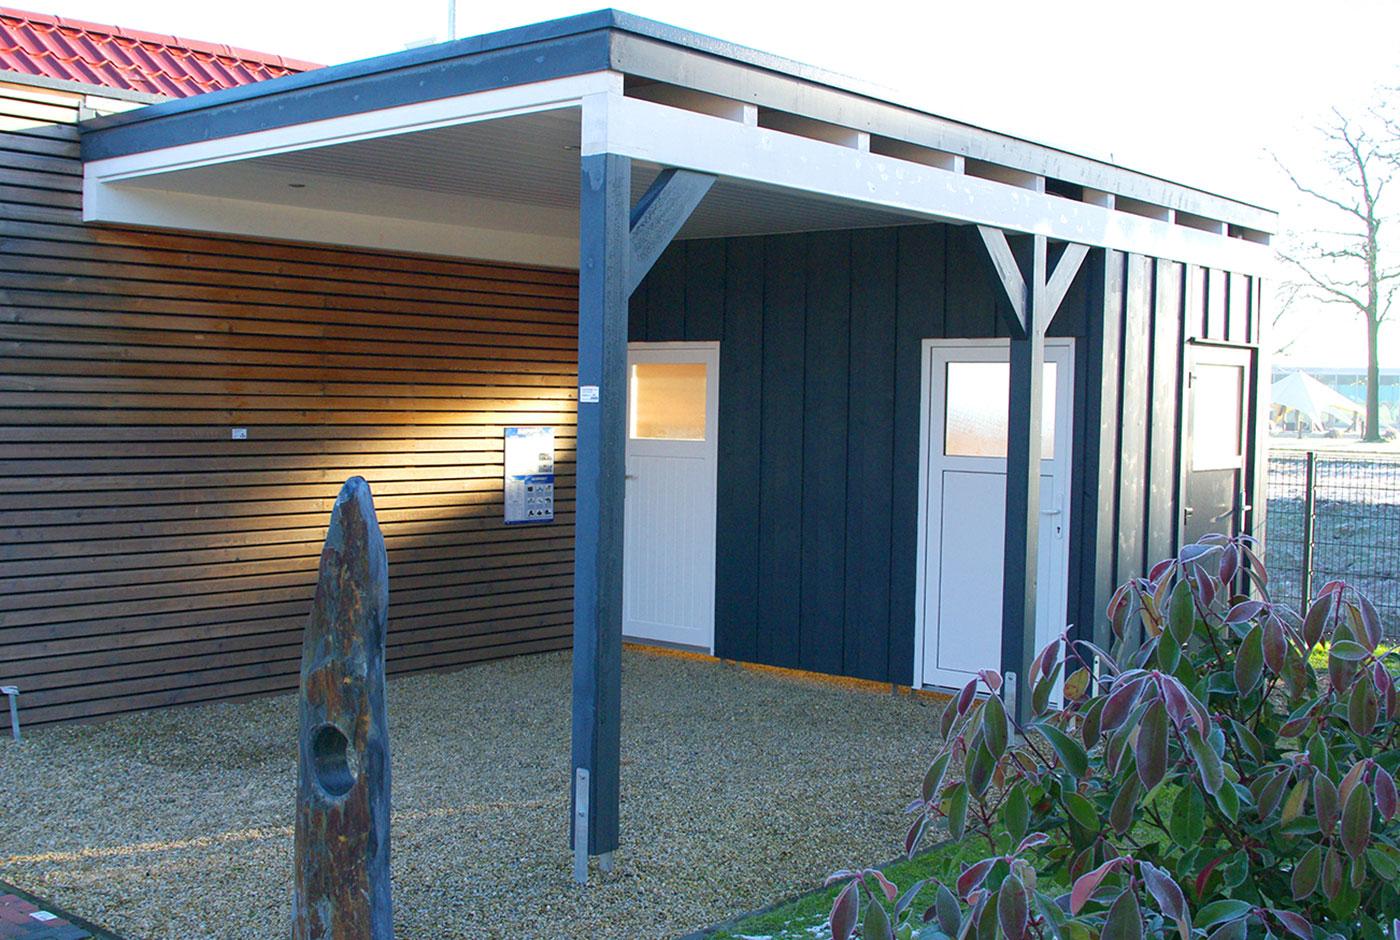 carport flachdach anbau mit ger tehaus von holzonde carport am haus anbauen so muss das 14. Black Bedroom Furniture Sets. Home Design Ideas